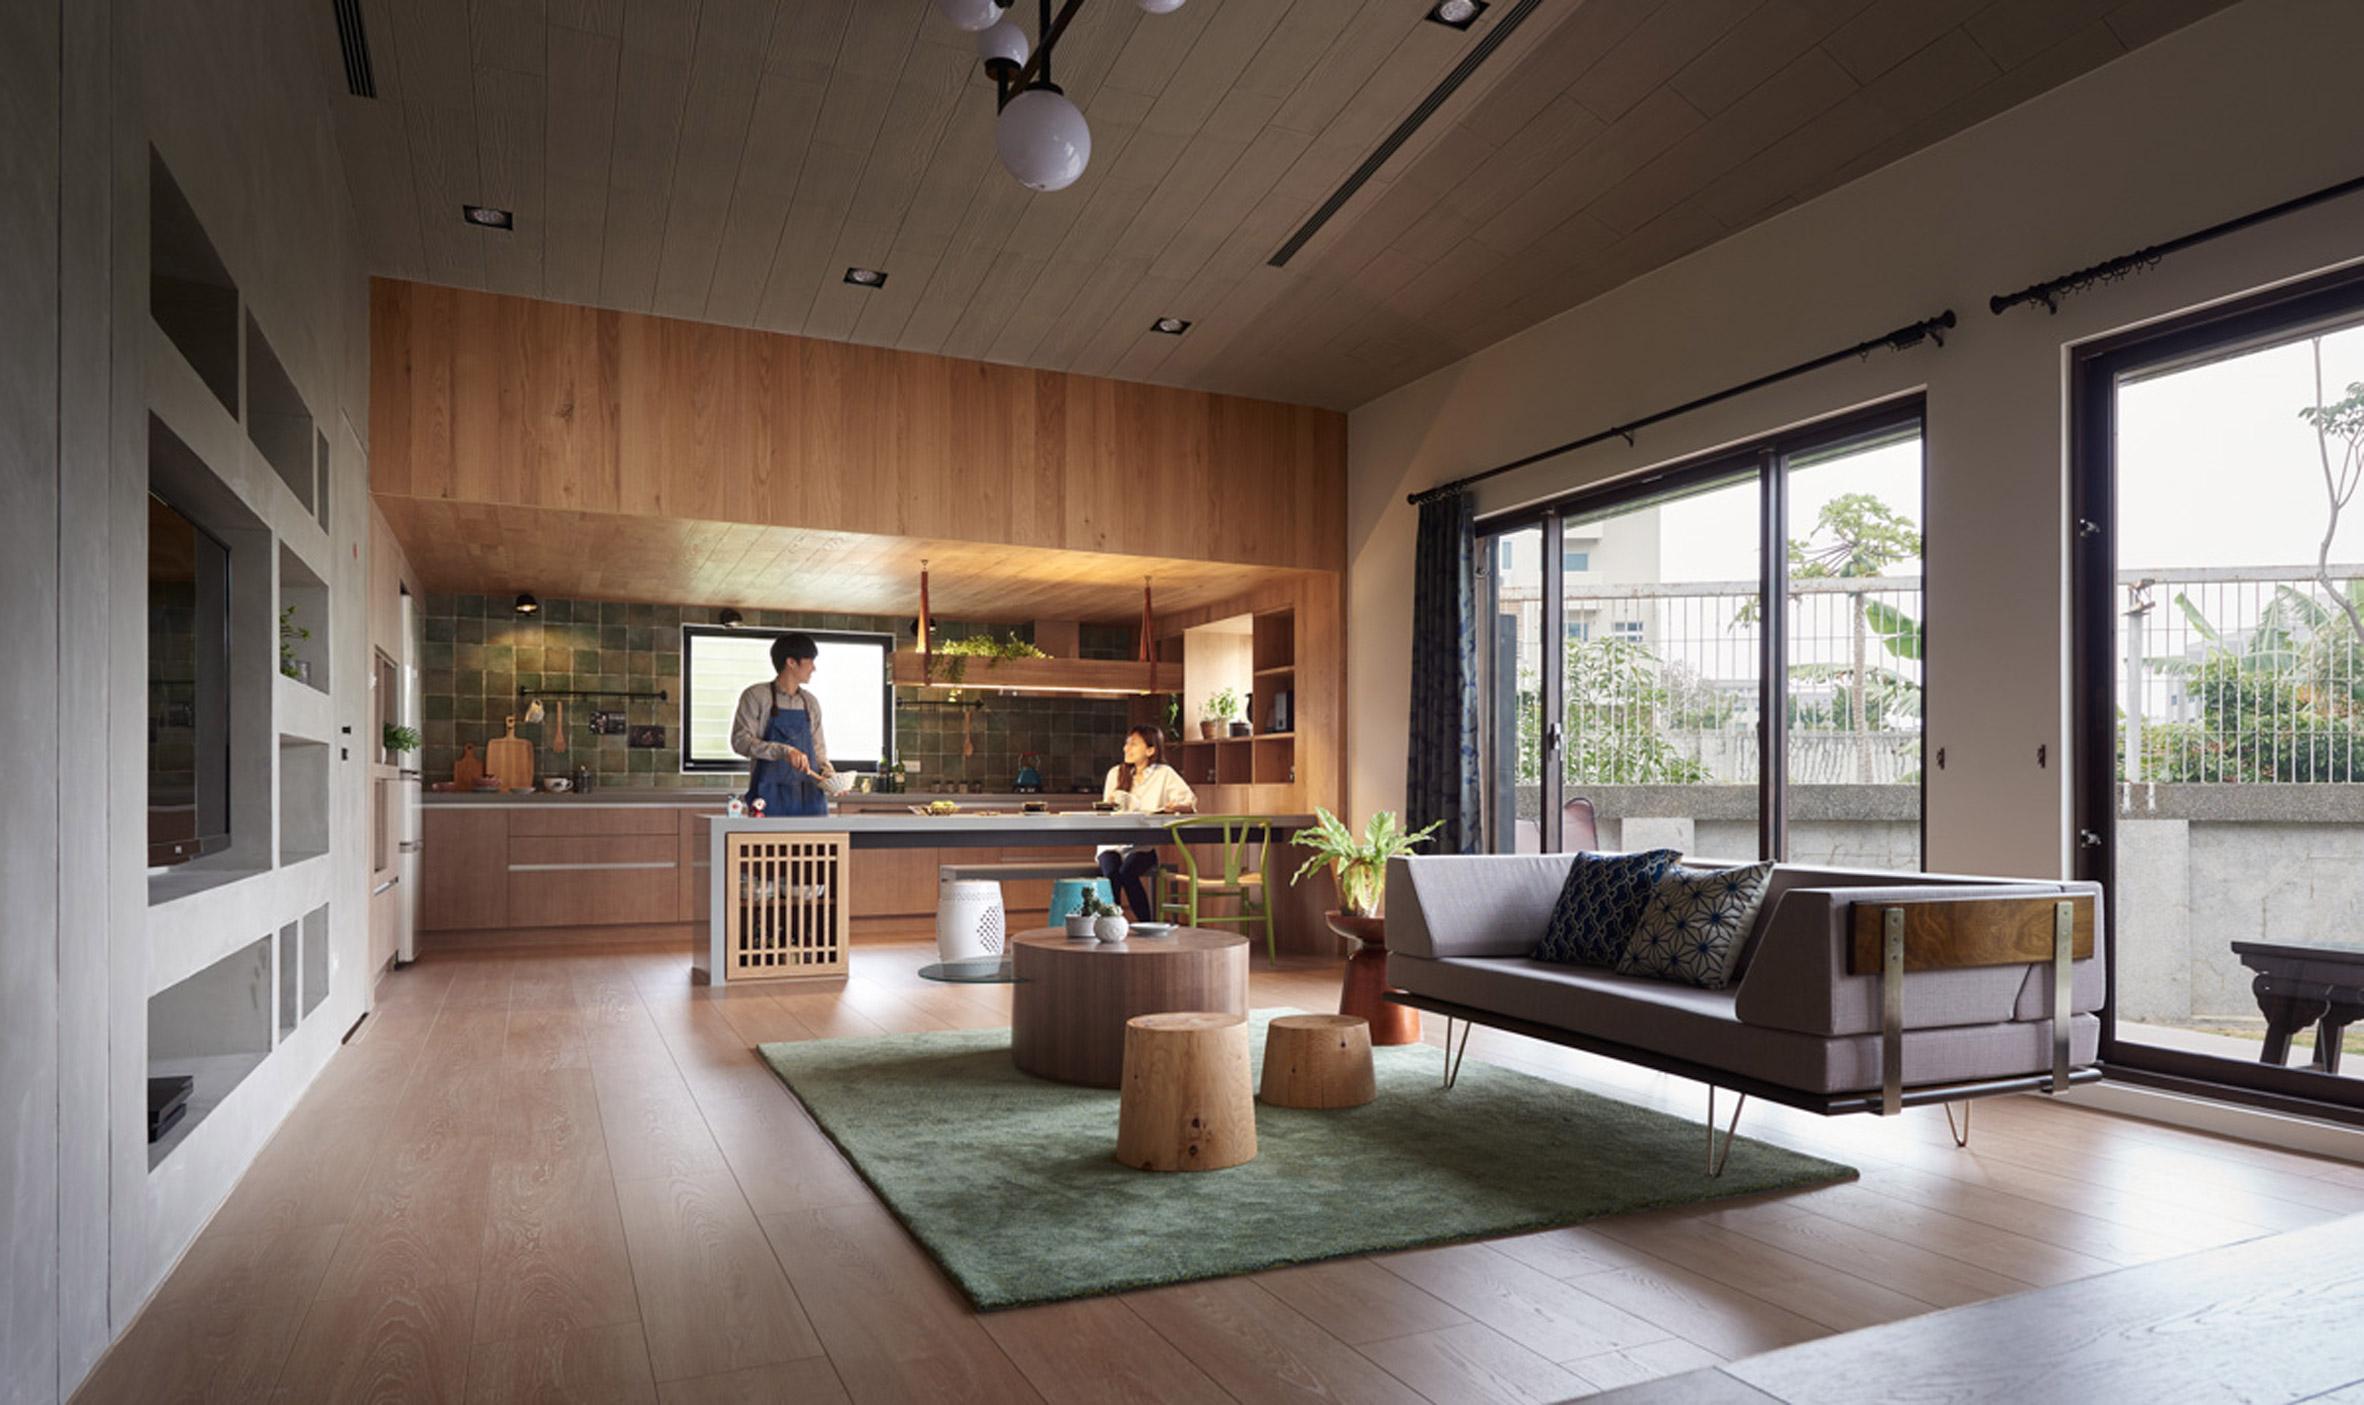 Cải tạo ngôi nhà ở Đài Loan với điểm nhấn vào khu vườn đẹp mê mẩn - Ảnh 2.